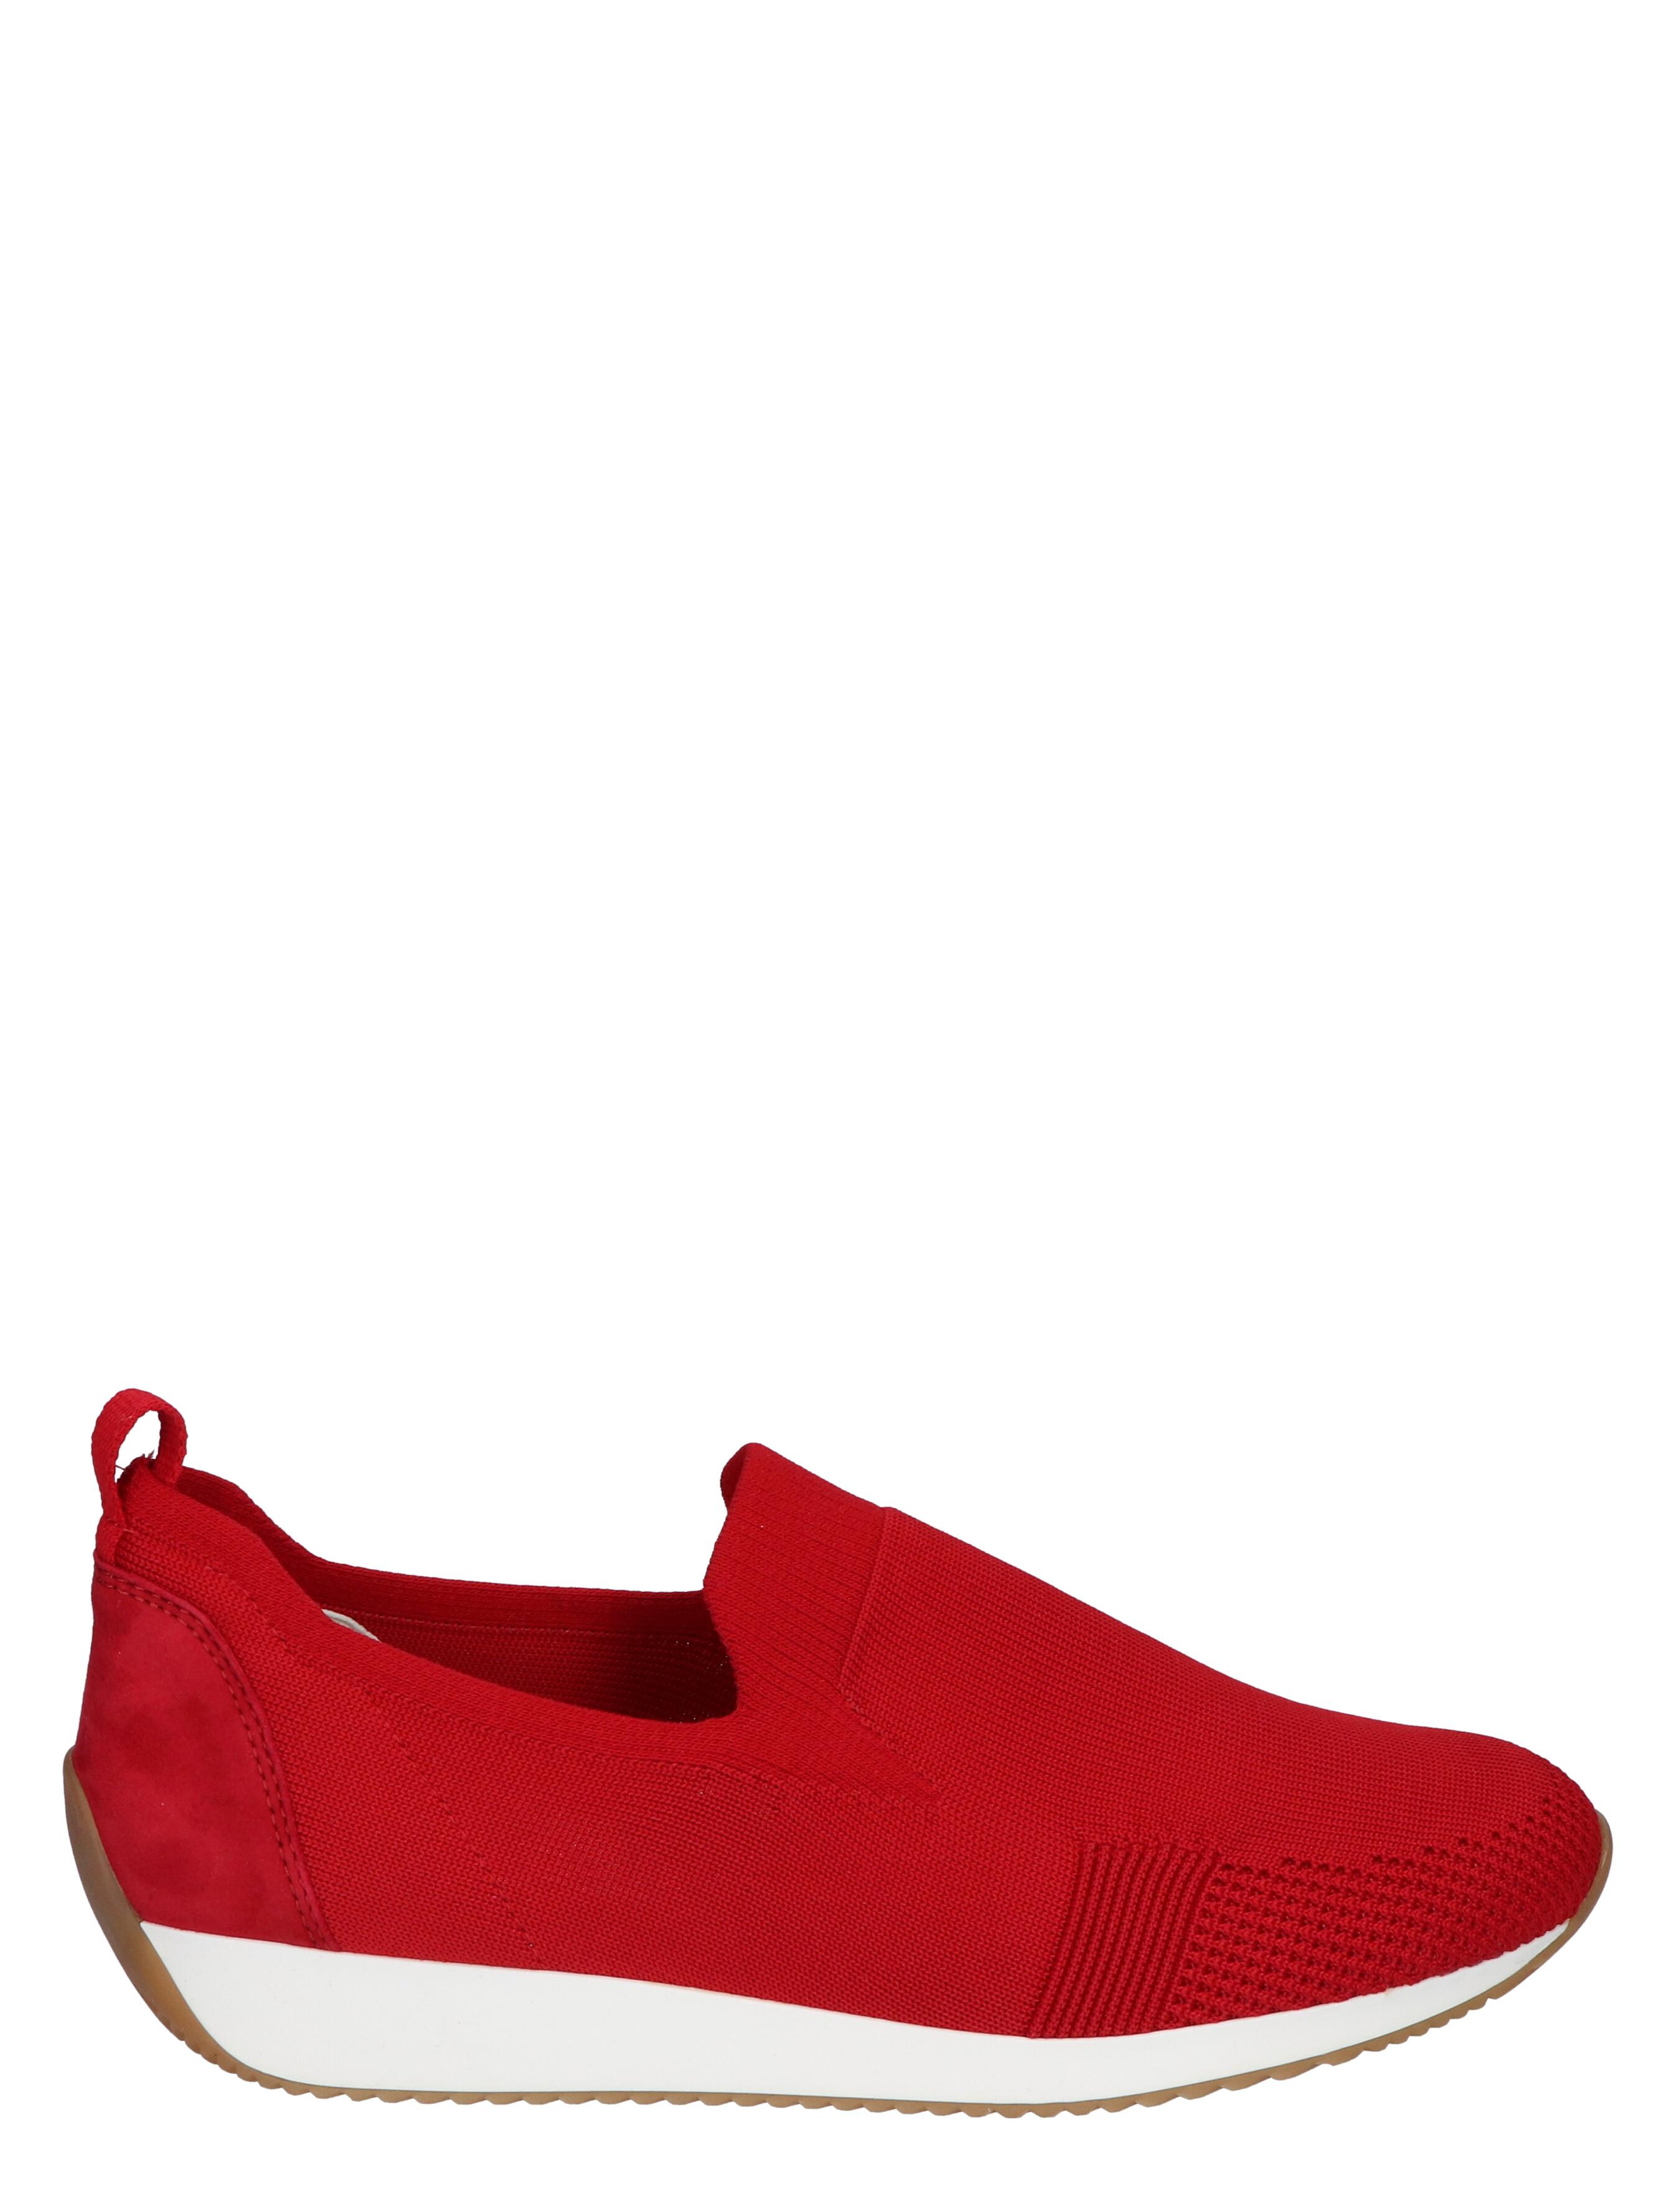 Ara 1234080 Red G-Wijdte Instapschoenen